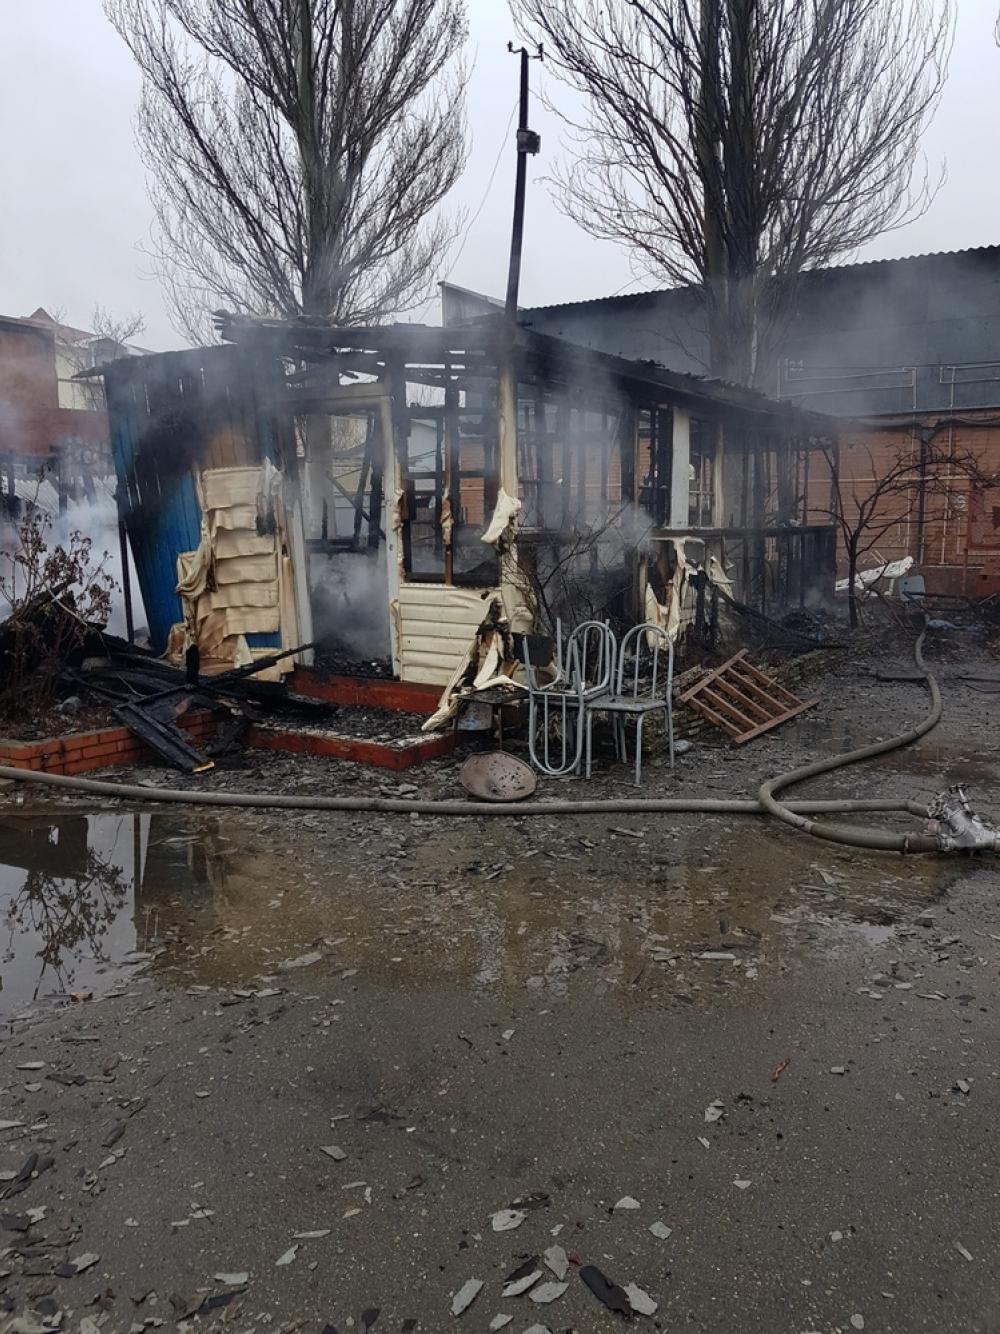 В Гостагаевской под Анапой сгорел приют для бомжей